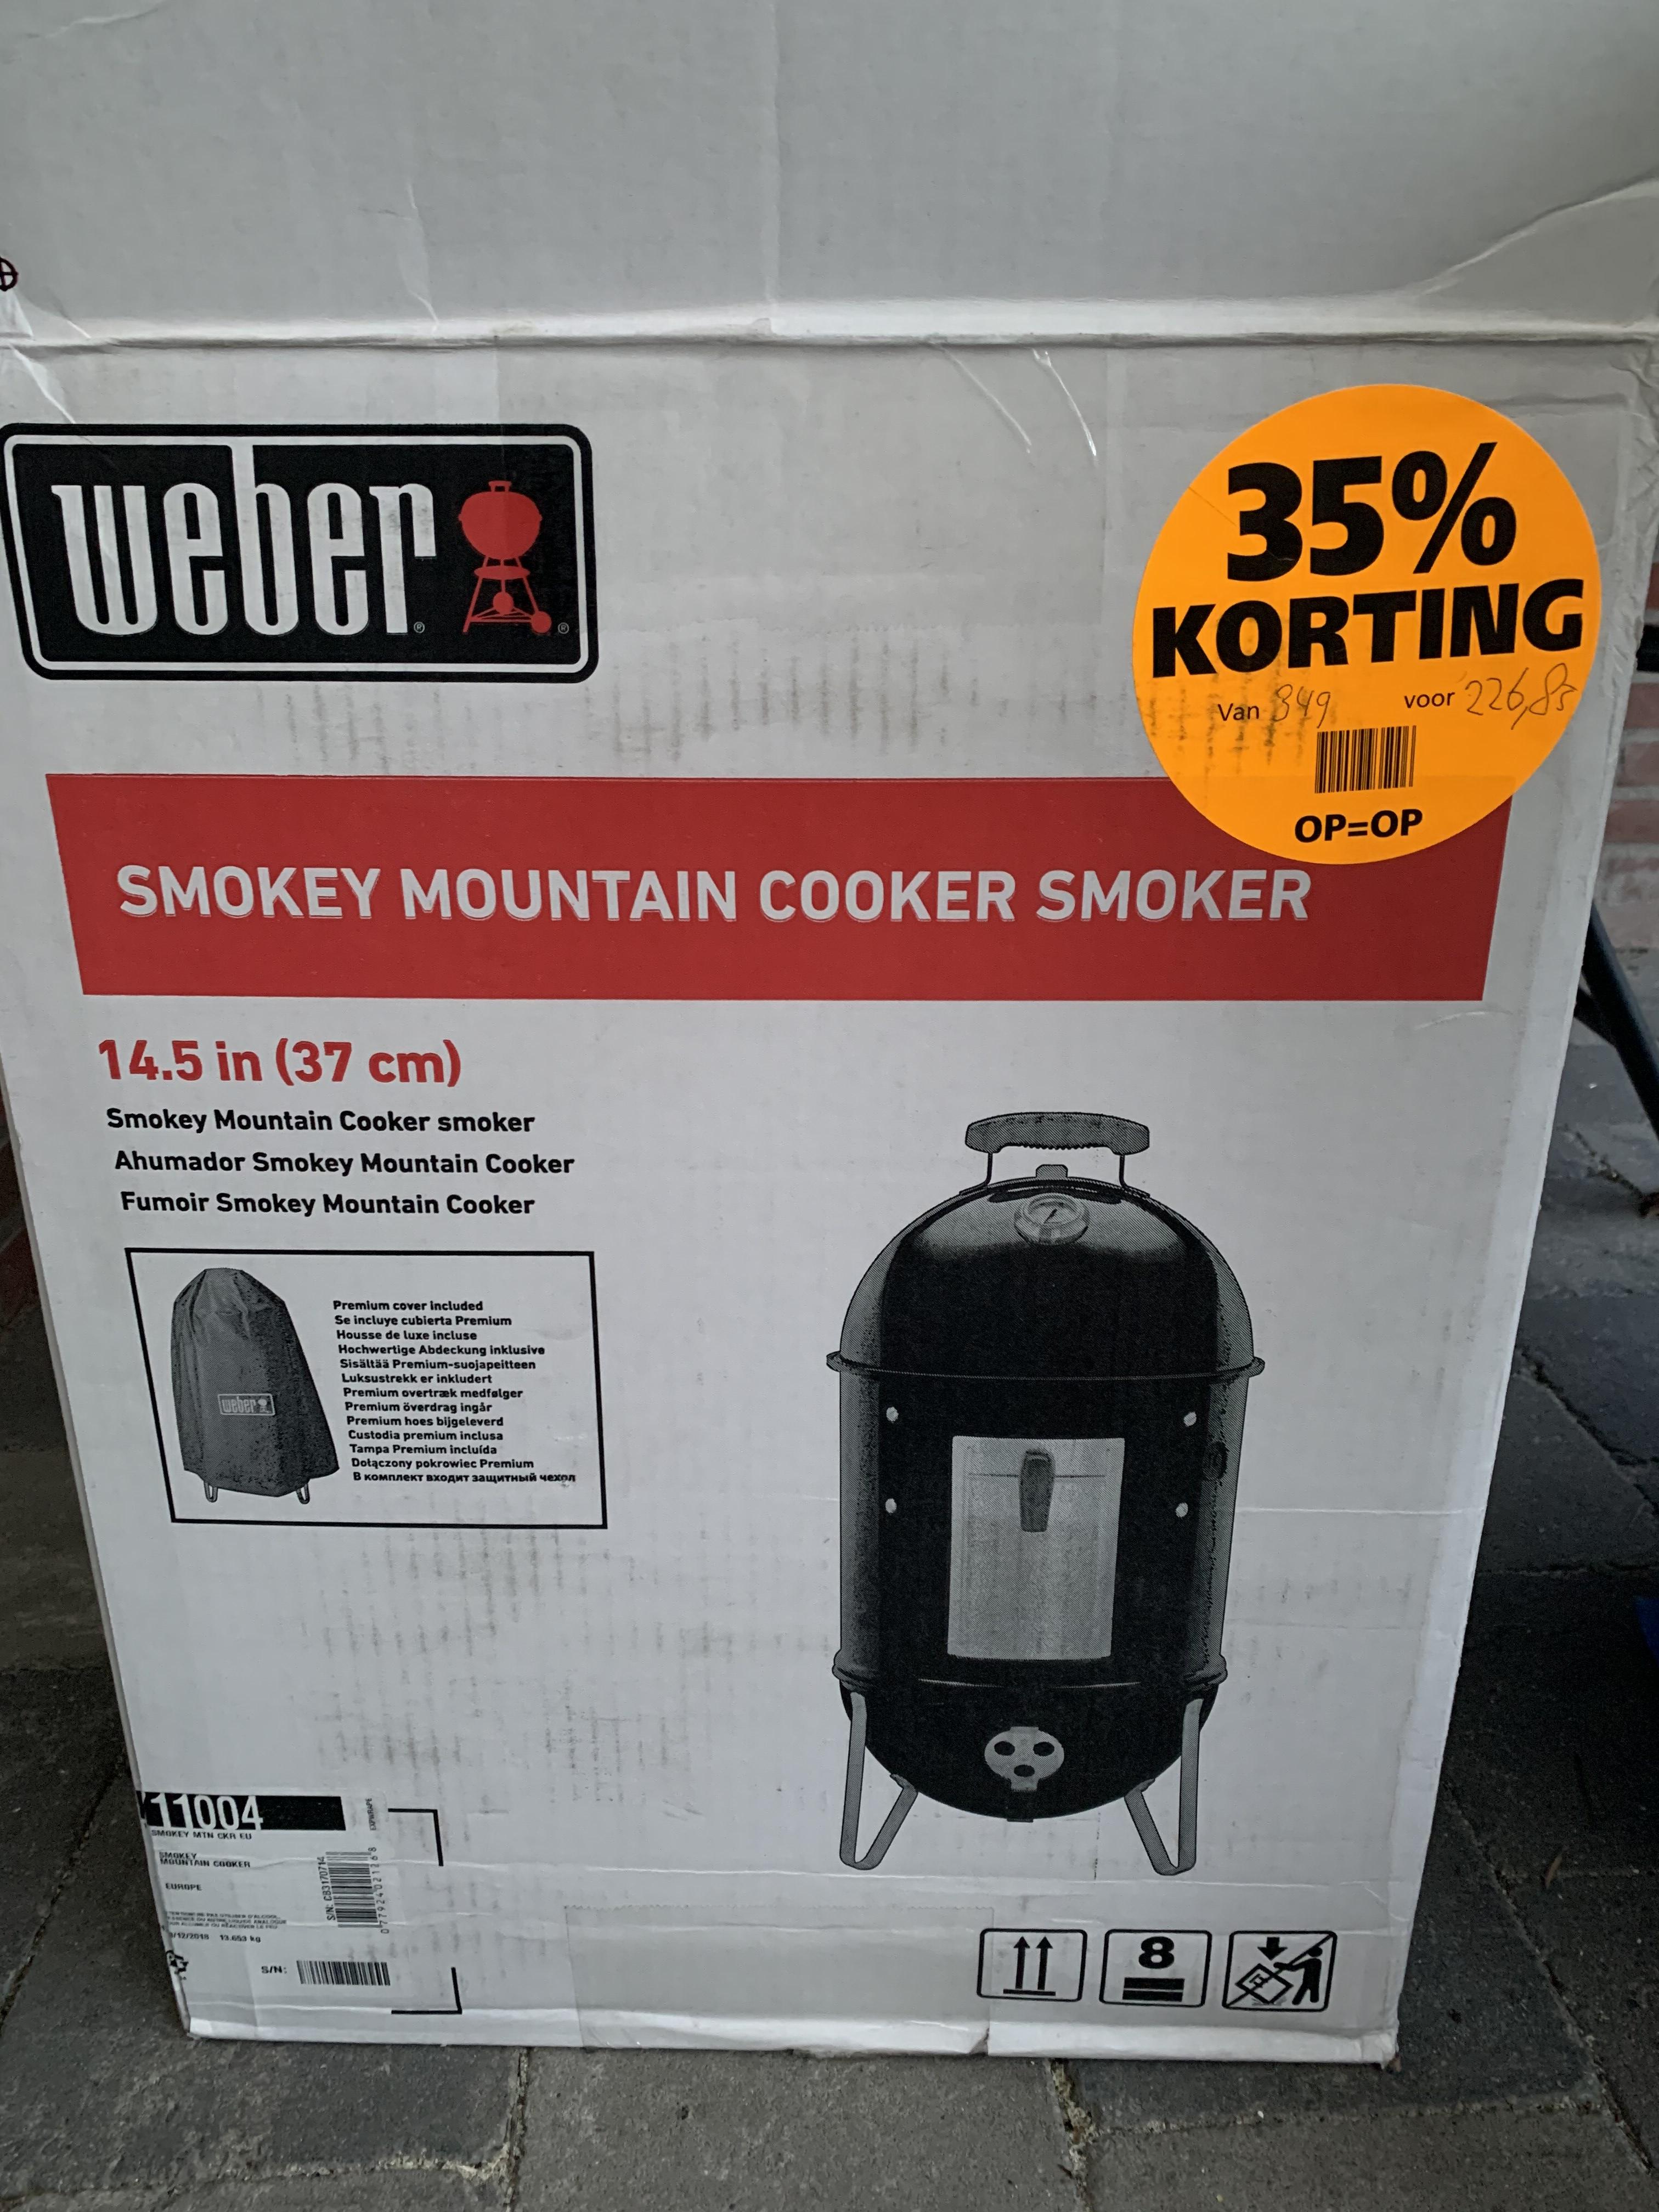 [Eindhoven] Weber Smokey Mountain Cooker Smoker 37cm